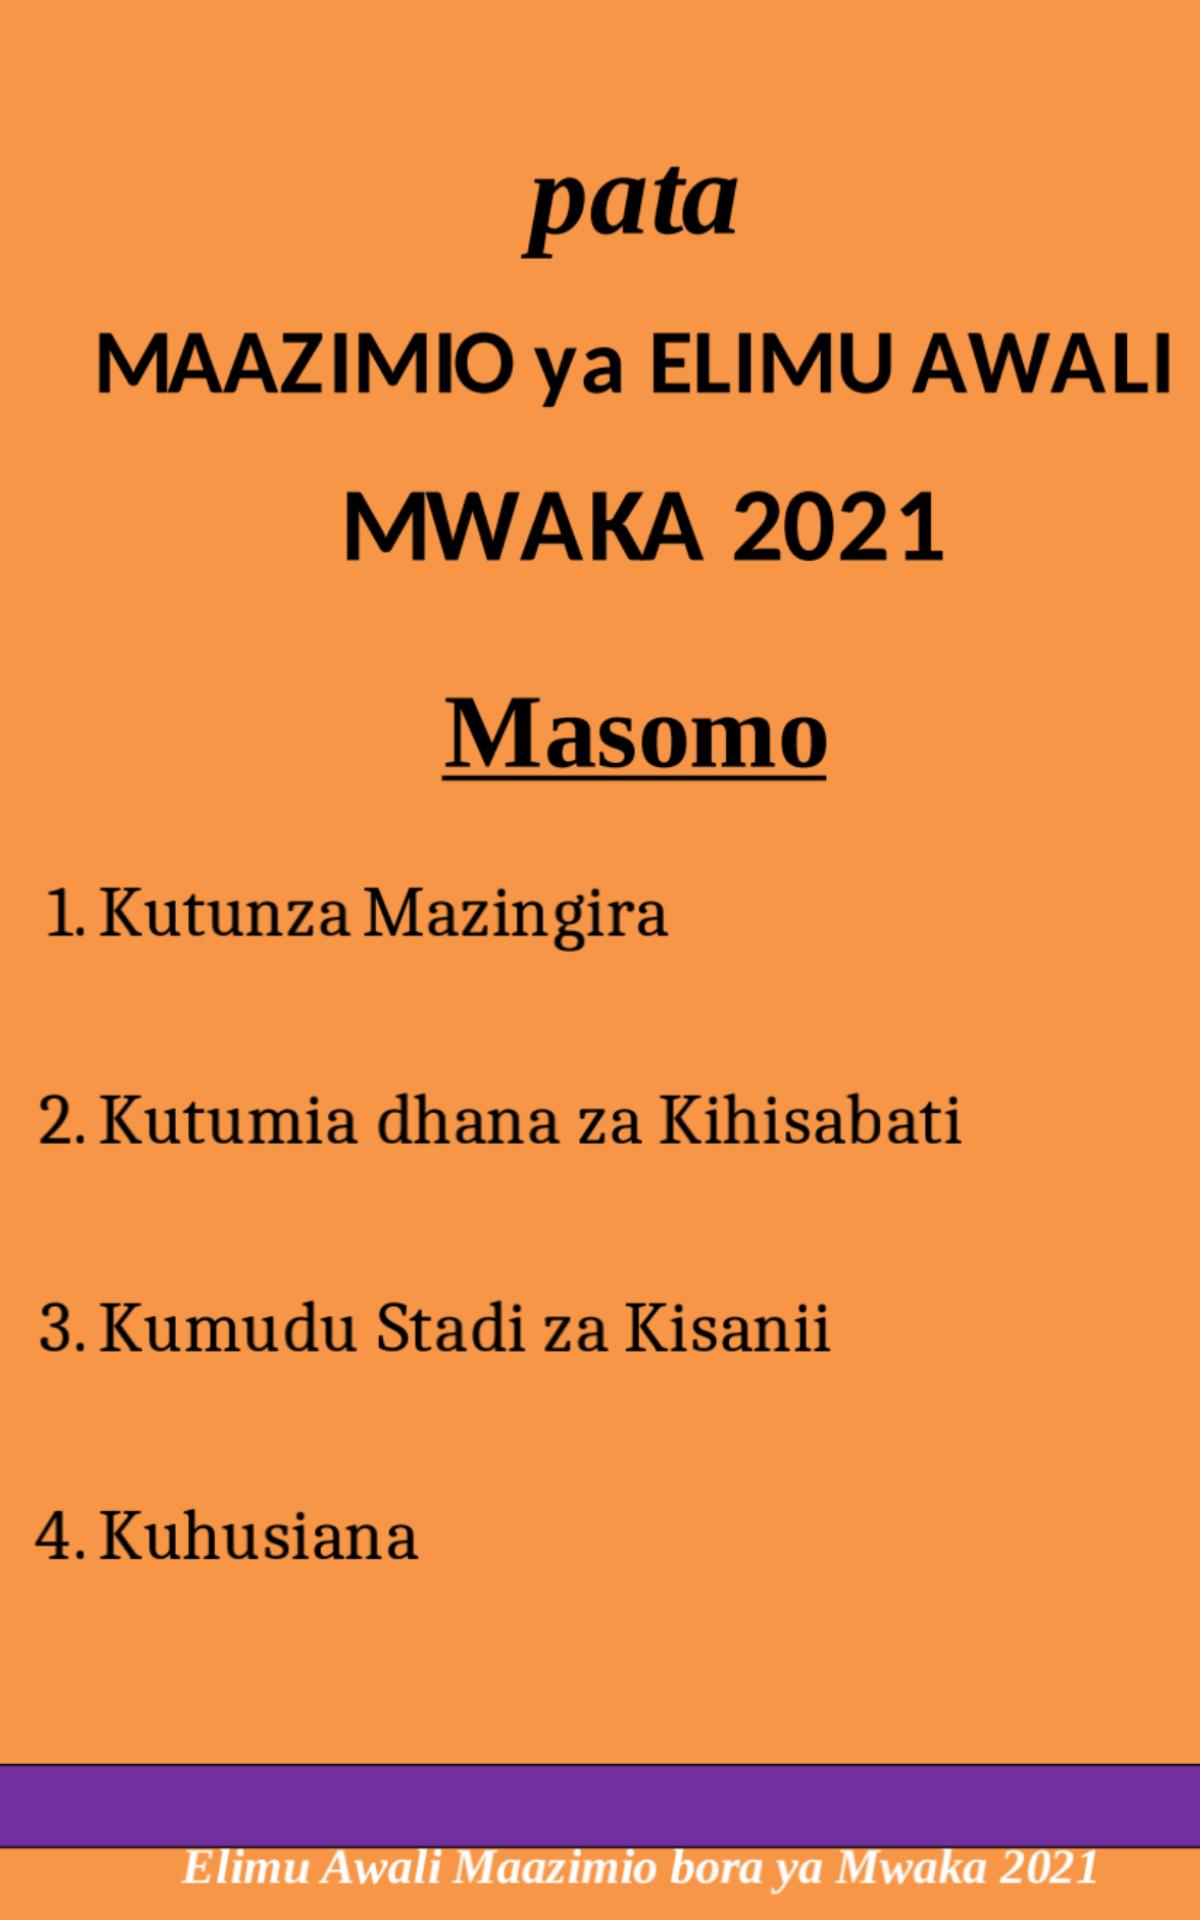 Maazimio Elimu Awali Mwaka 2021